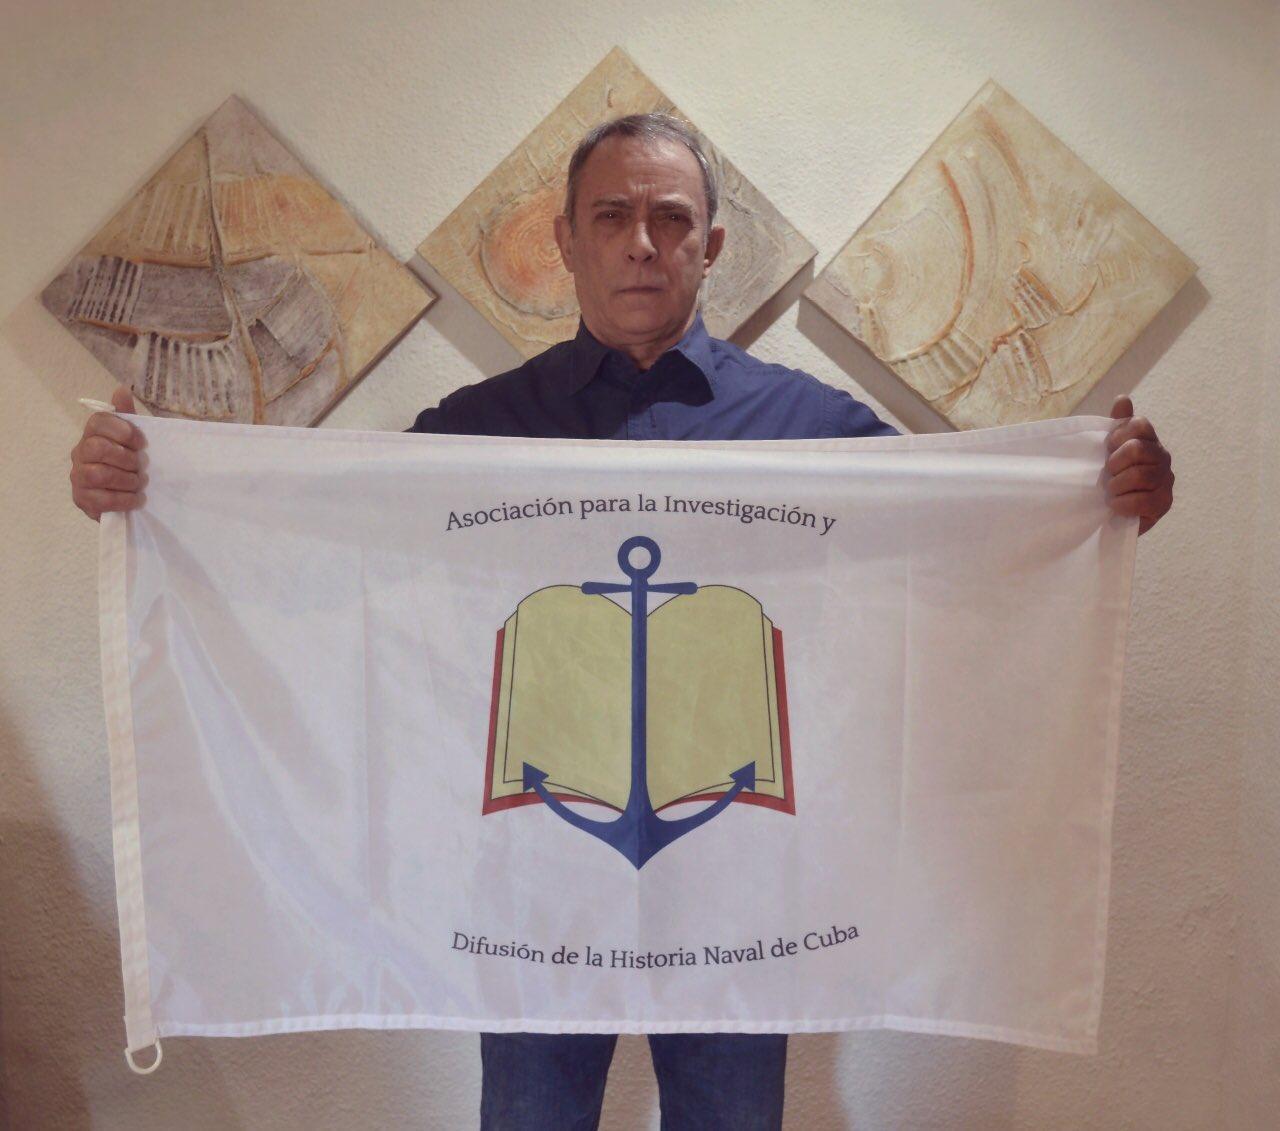 Max Gómez Alvarez VP @cubanheritage sosteniendo la Bandera de la Asociación que acompañará laExpedición en el Artico https://t.co/xVB18o6fmo